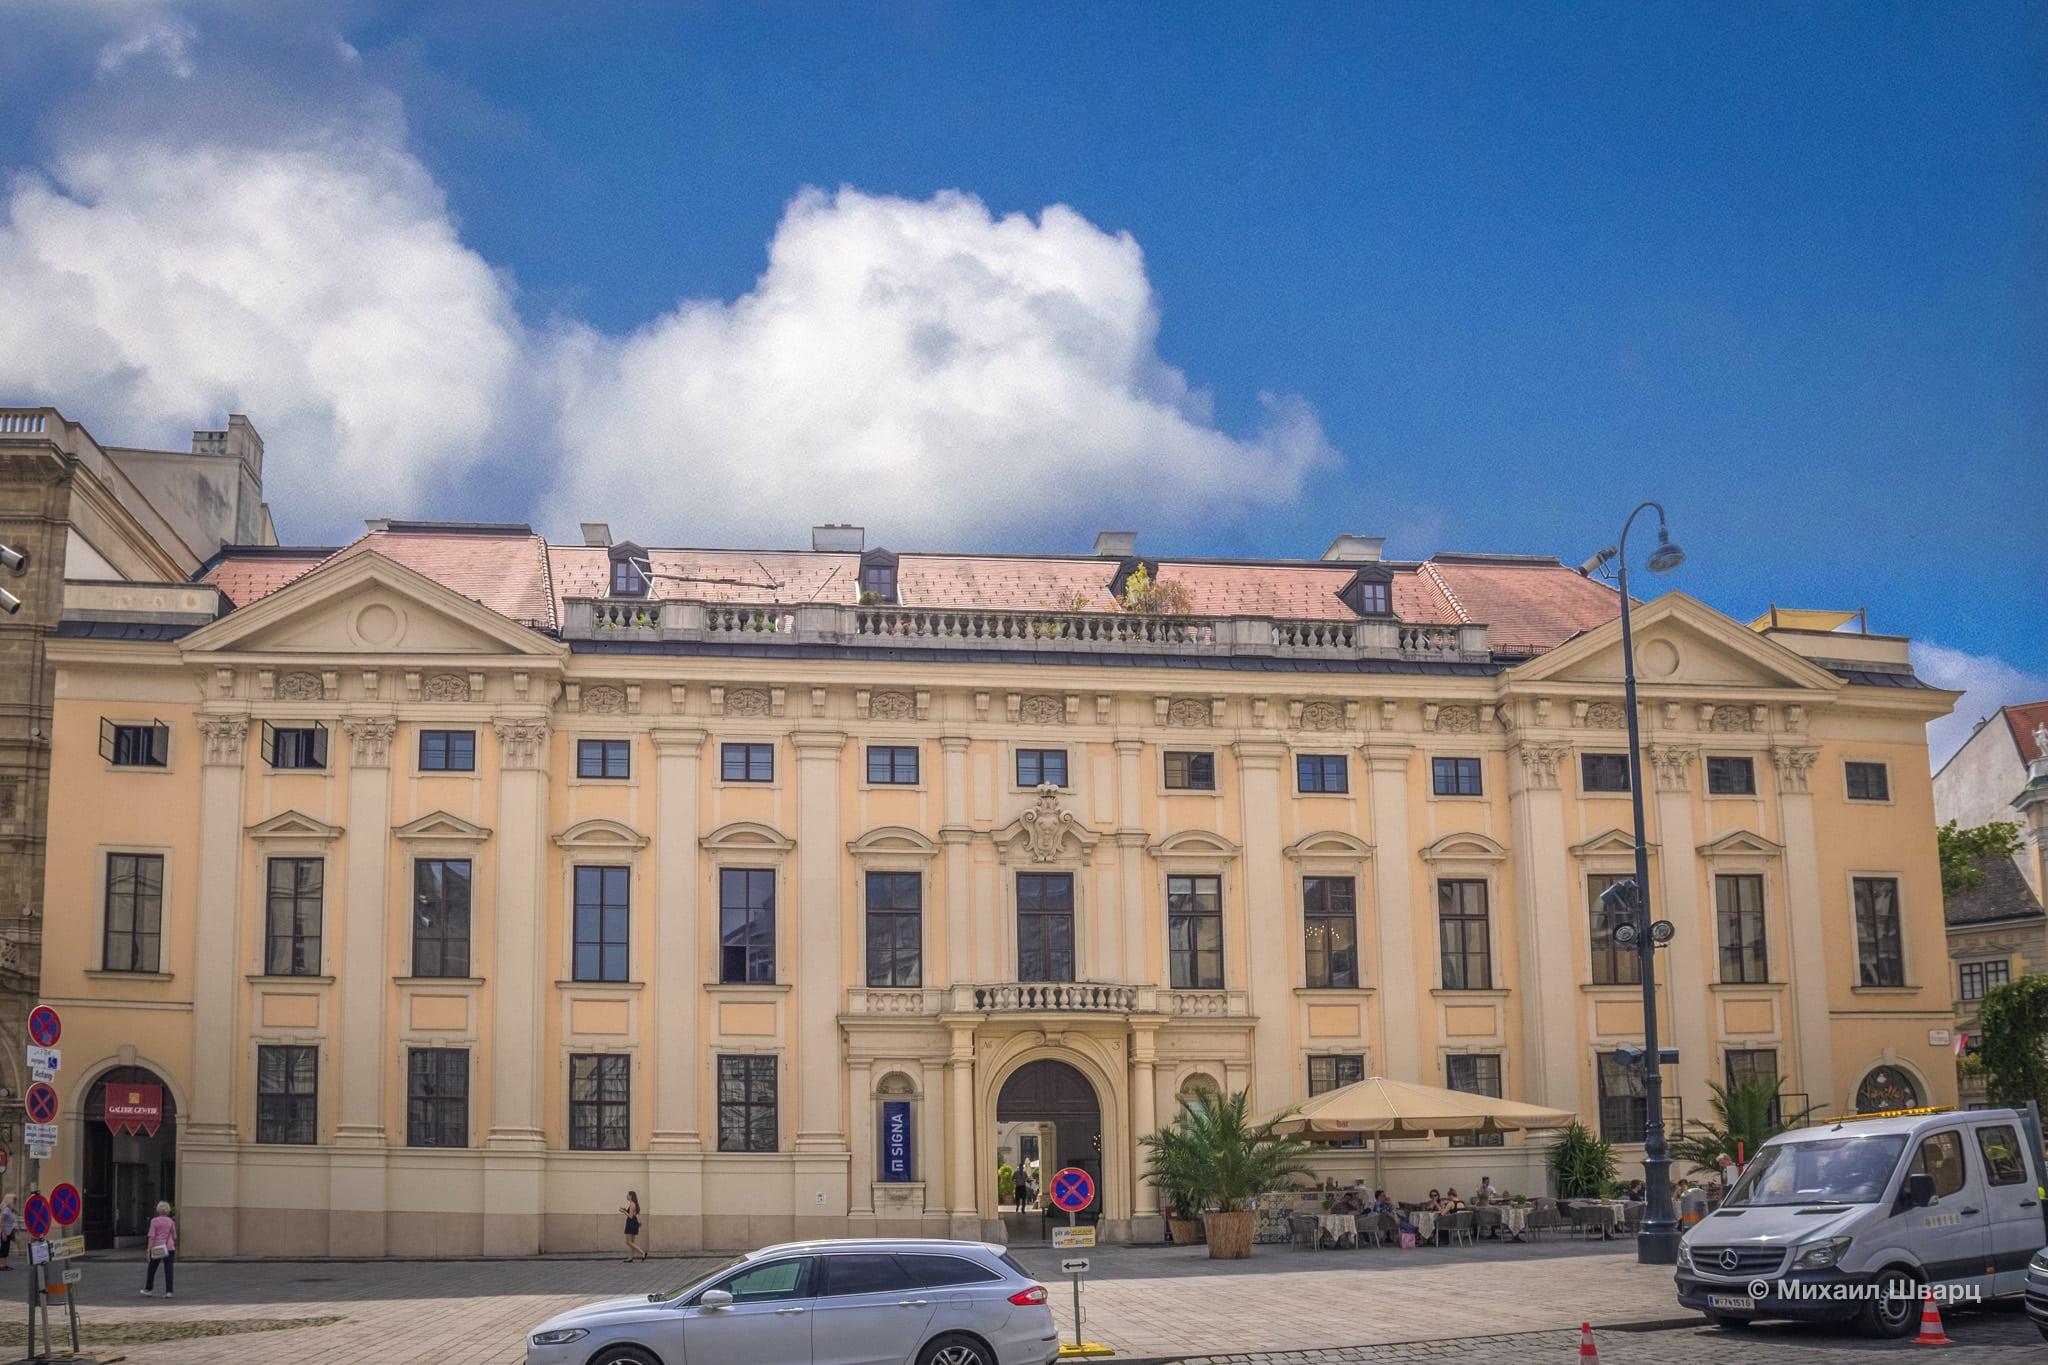 ДворецГаррахов